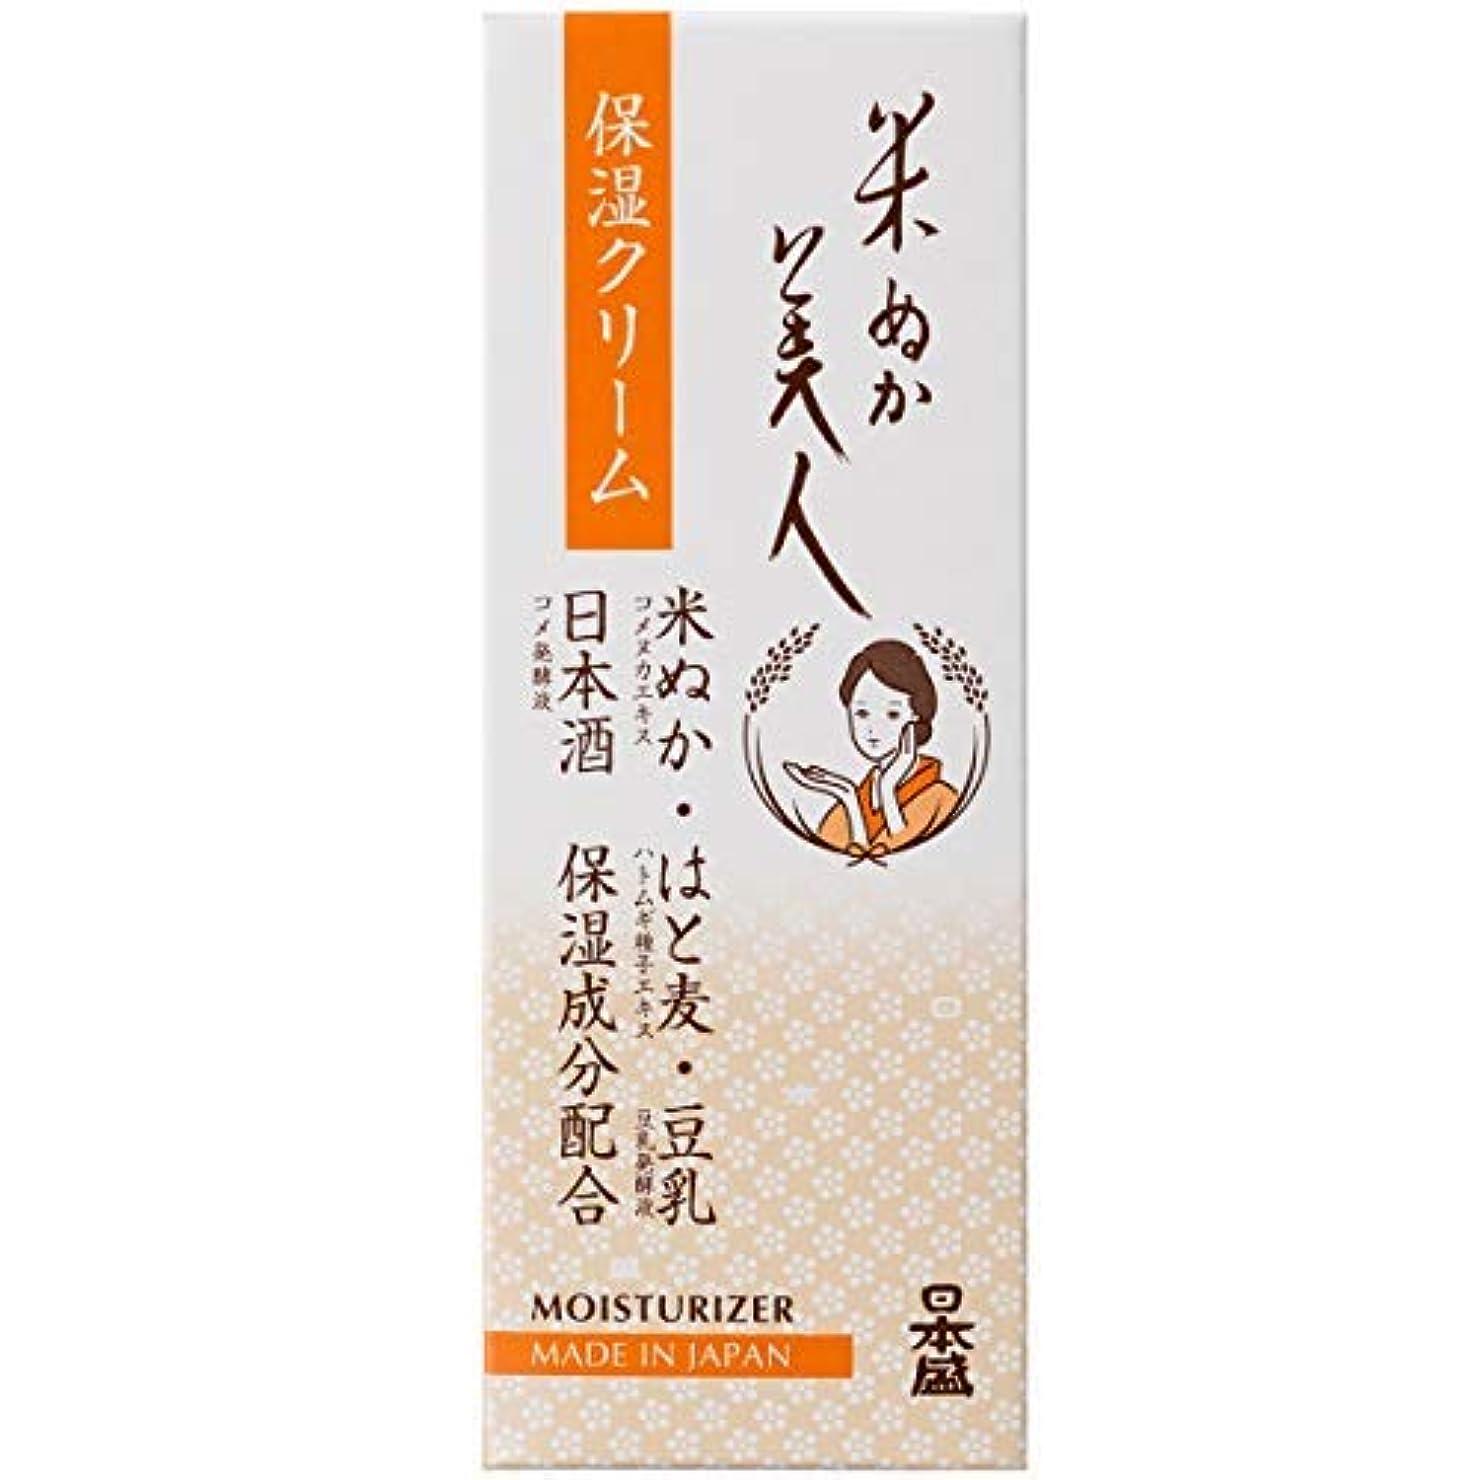 米ぬか美人 保湿クリーム × 18個セット